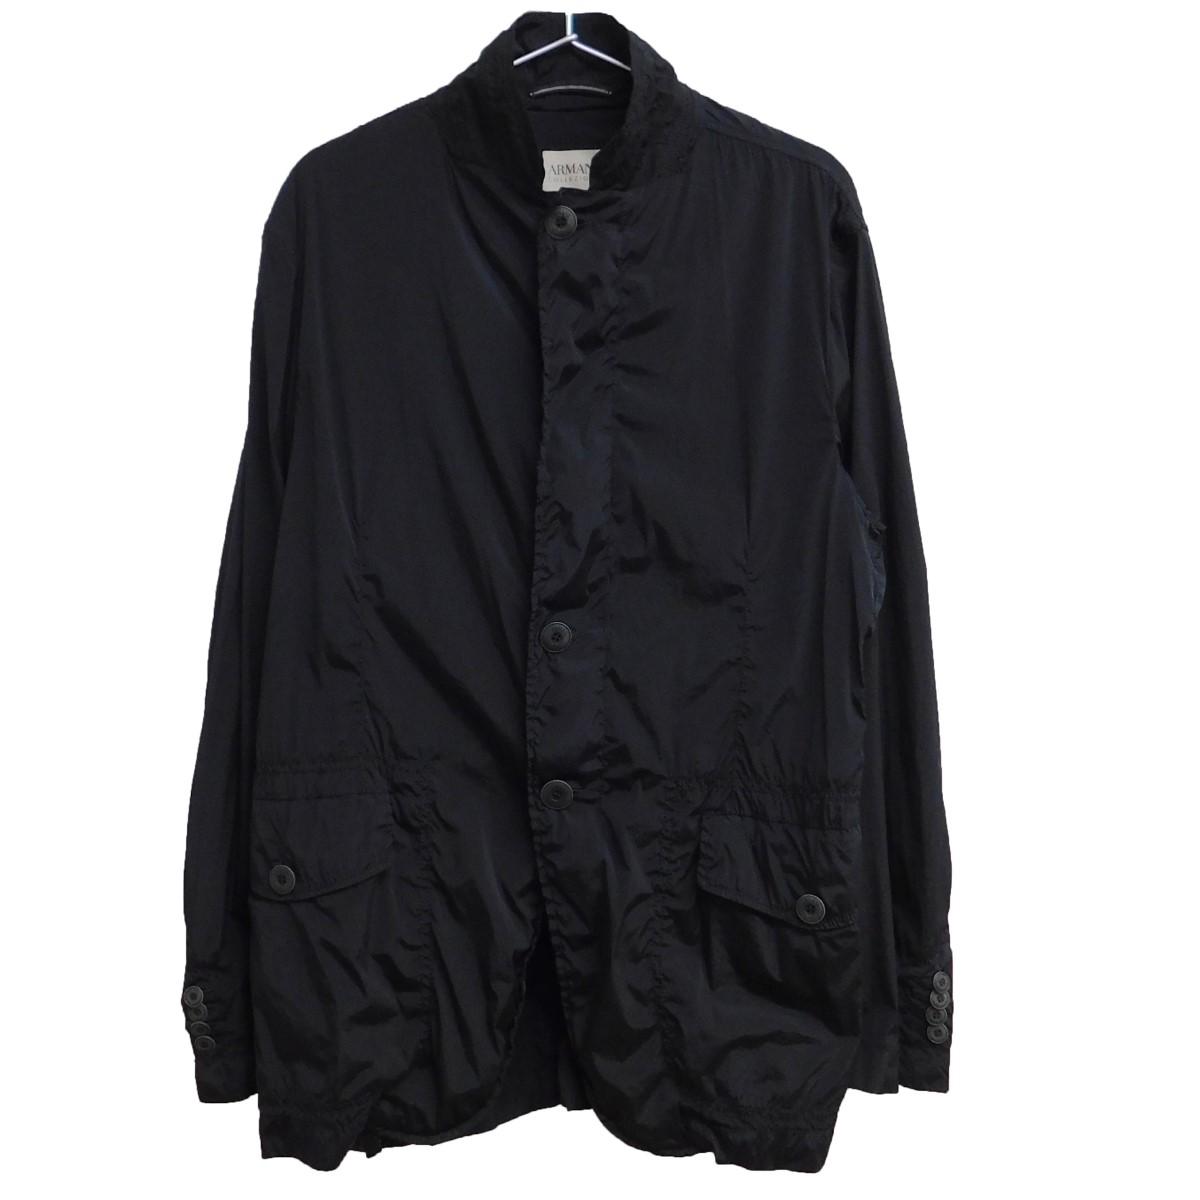 【中古】ARMANI COLLEZIONI ストレッチ素材ナイロンジャケット ブラック サイズ:EU50 【010920】(アルマーニコレツィオーニ)